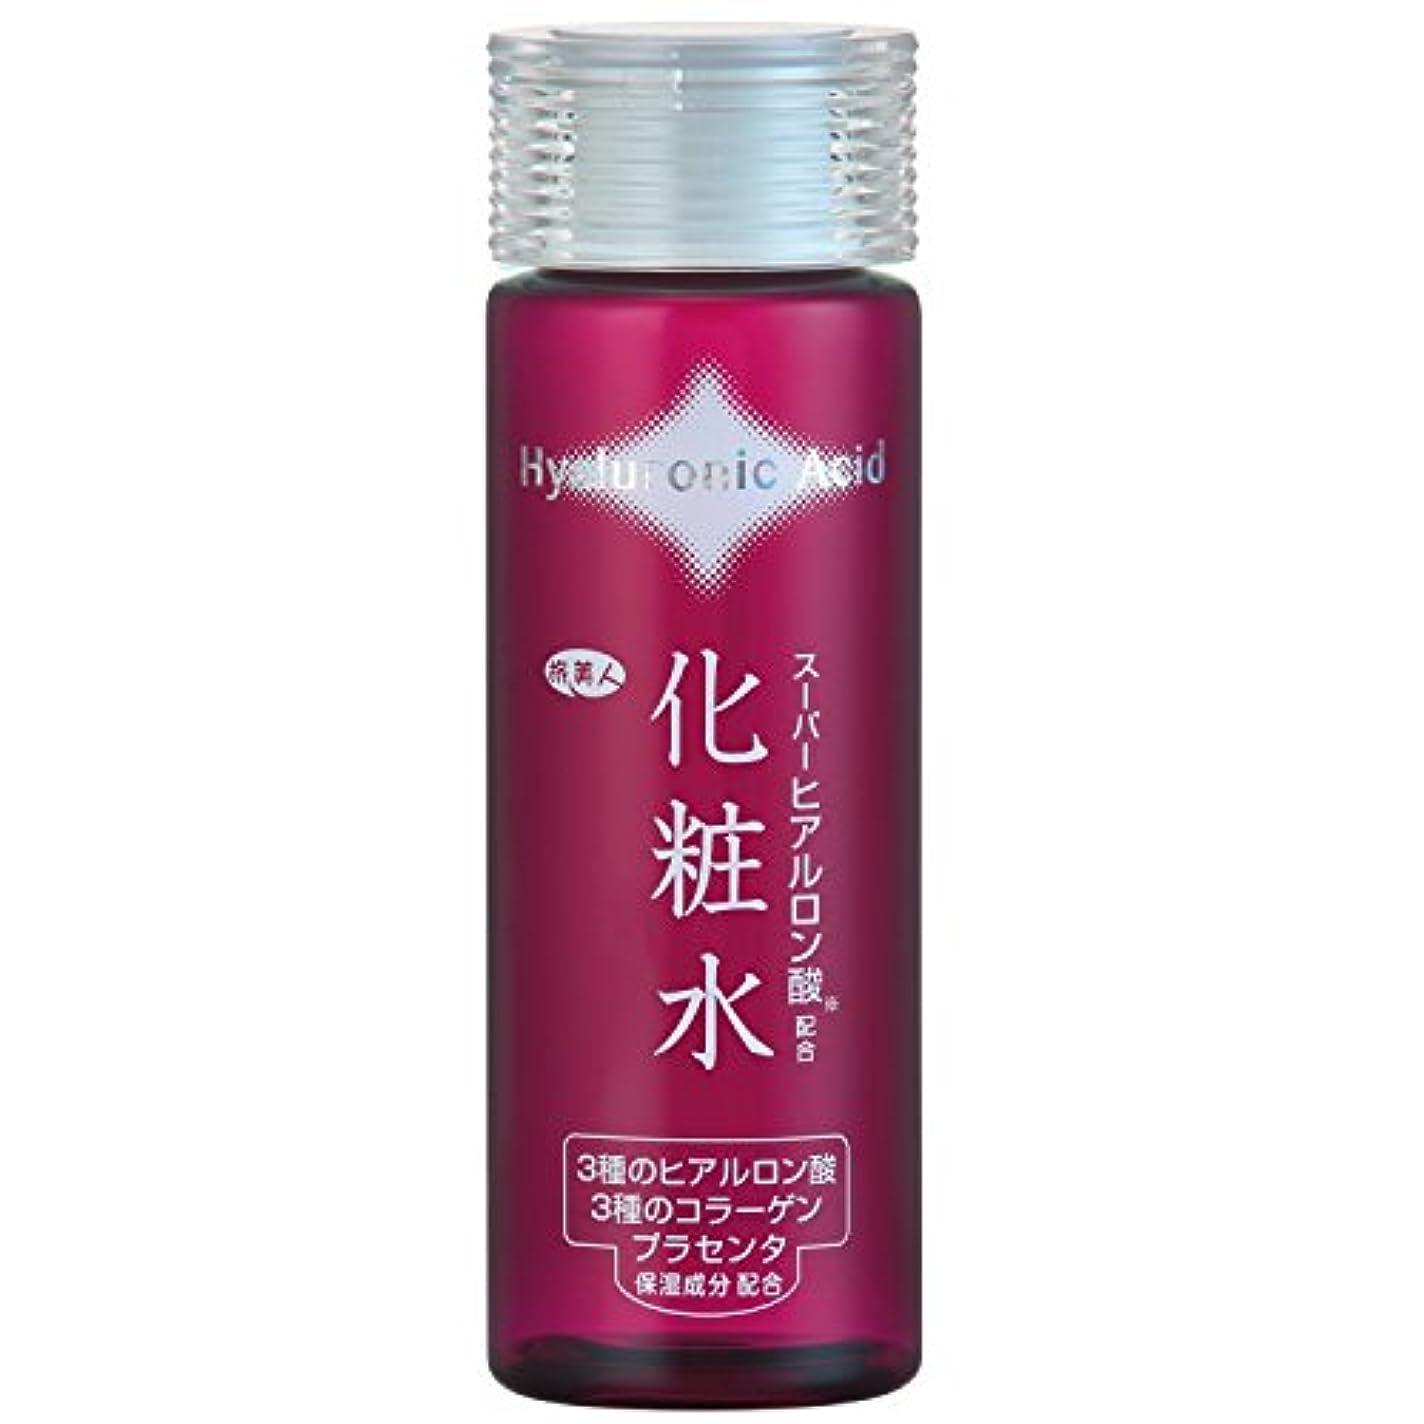 縮約公爵征服アズマ商事のスーパーヒアルロン酸配合化粧水